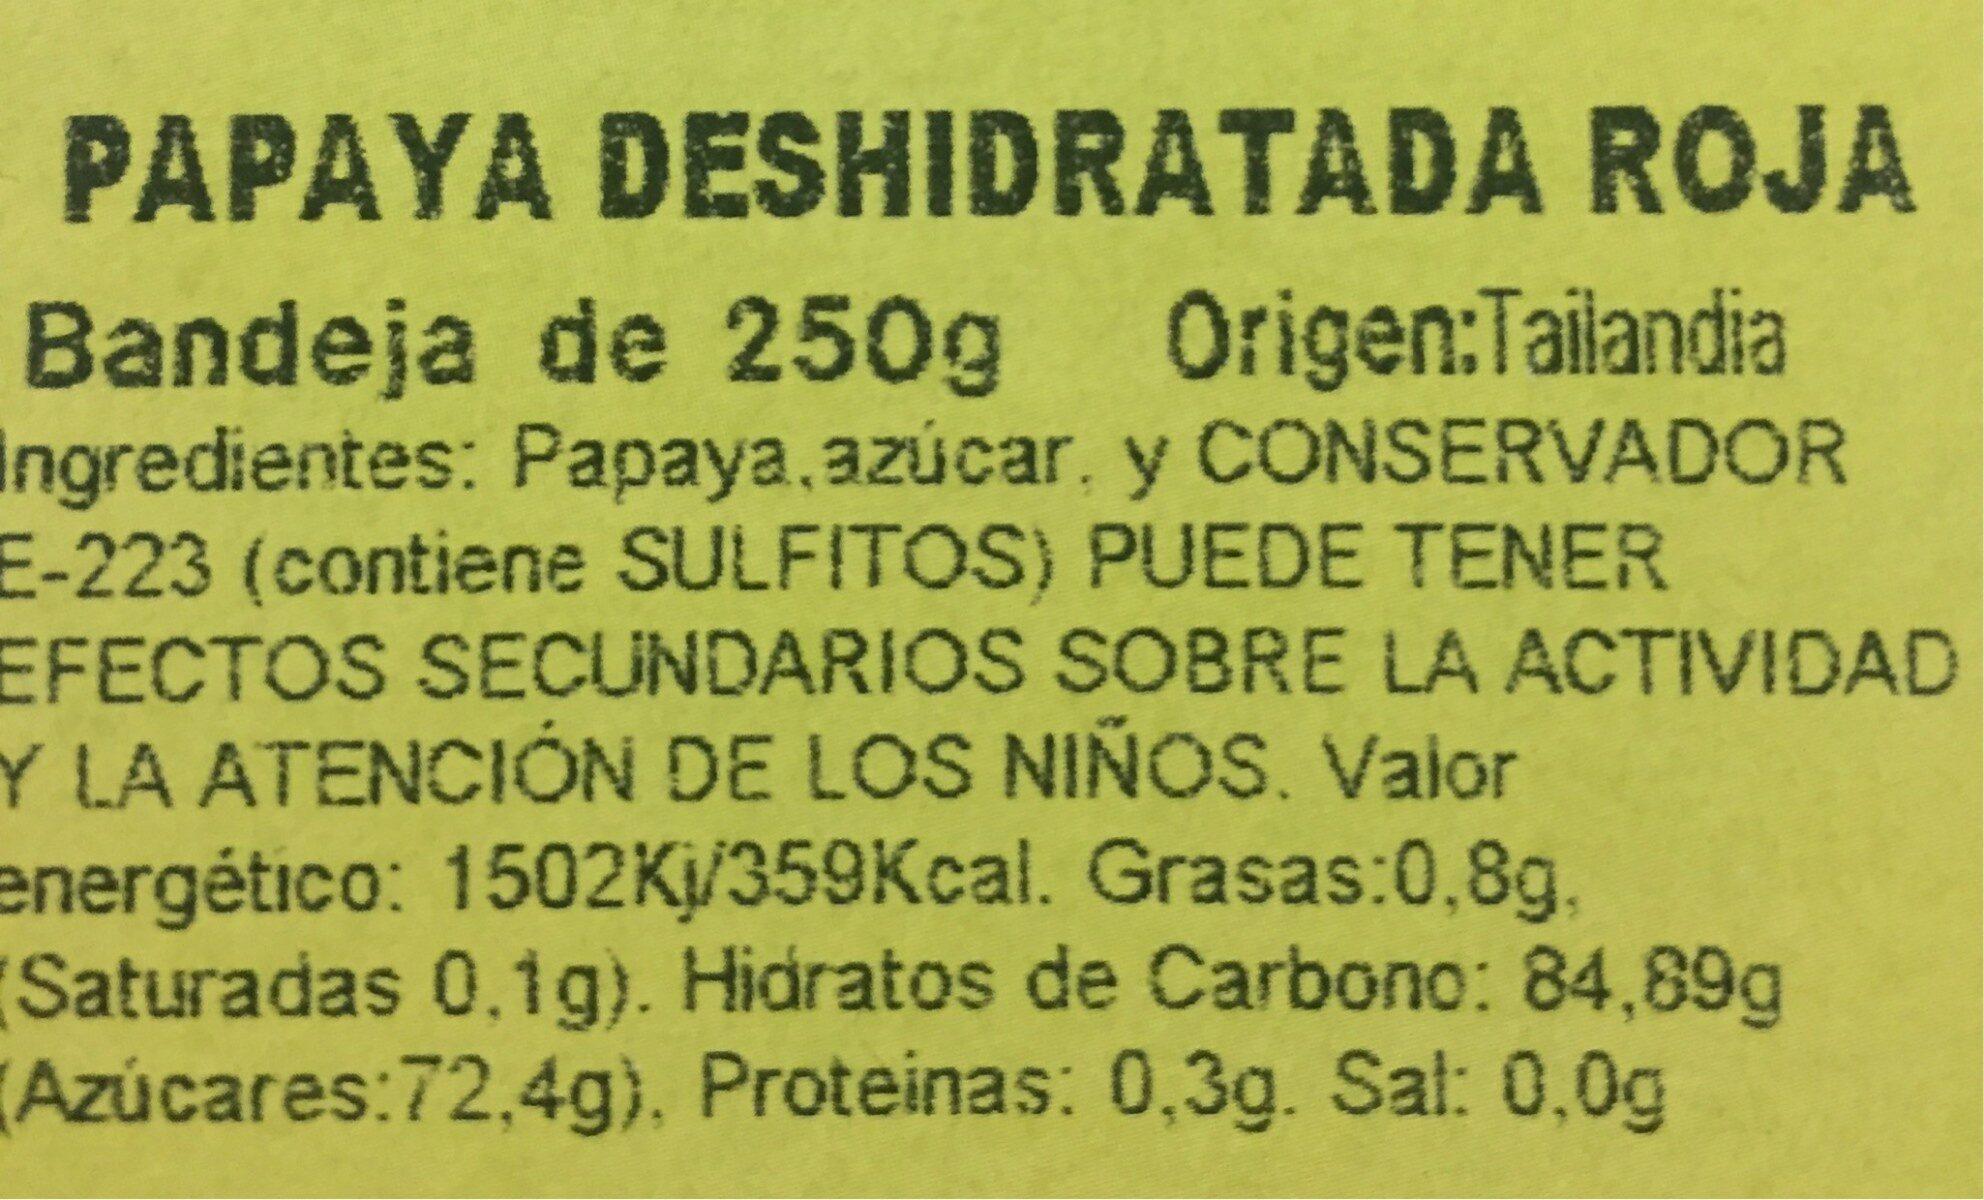 Papaya deshidratada roja - Información nutricional - es